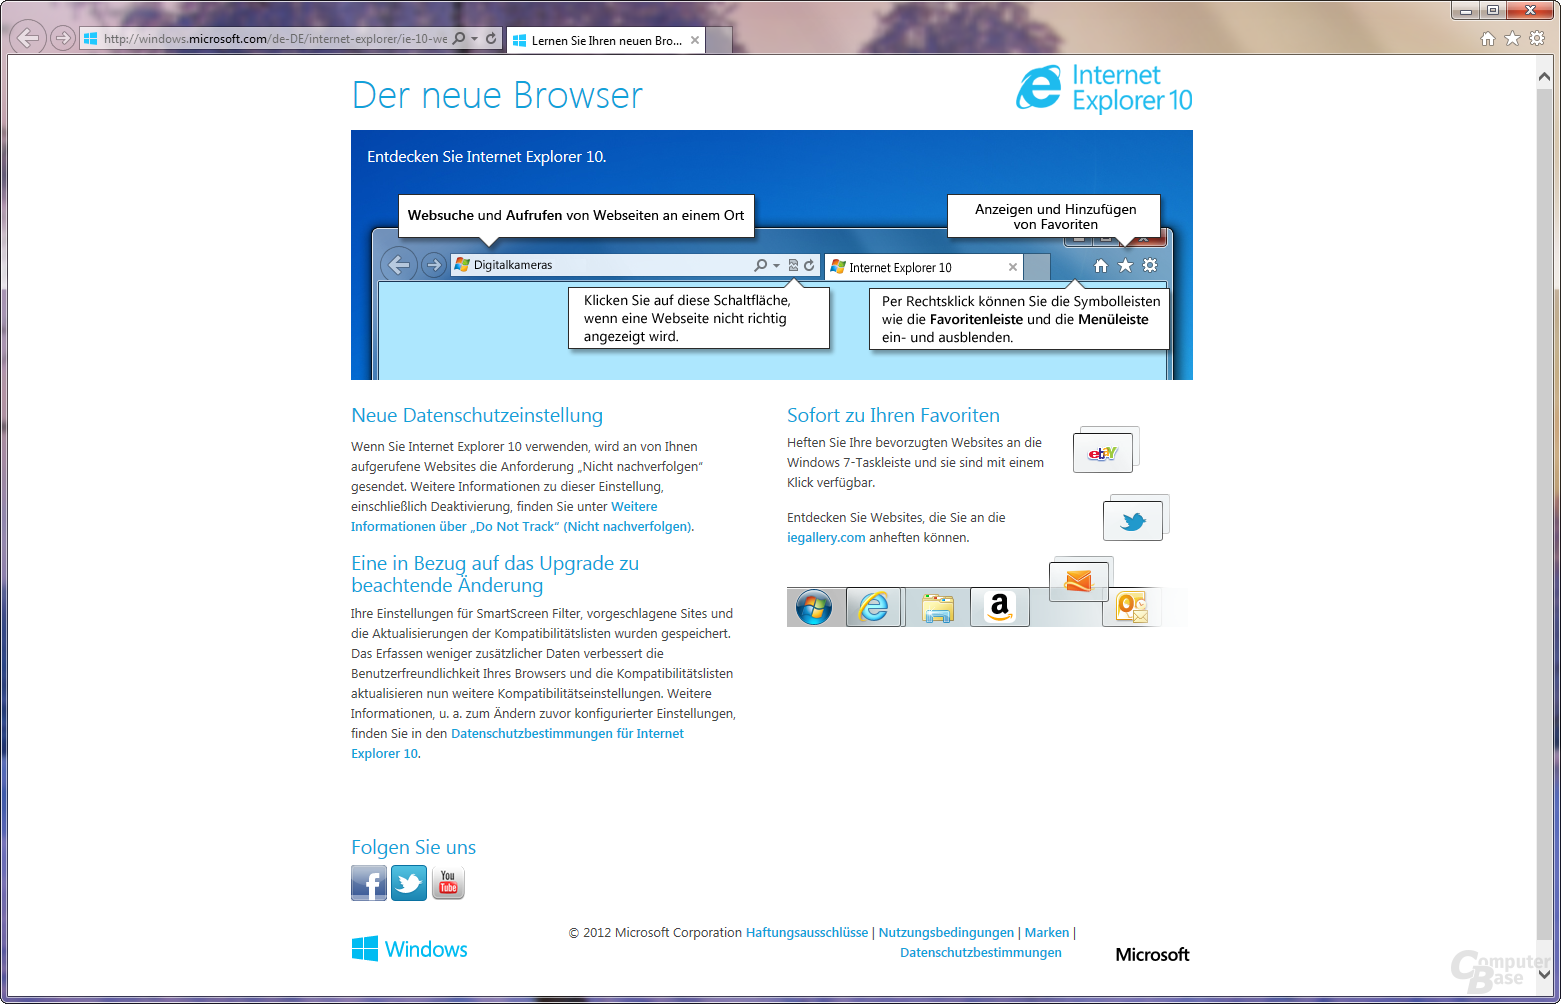 Internet Explorer 10 unter Windows 7